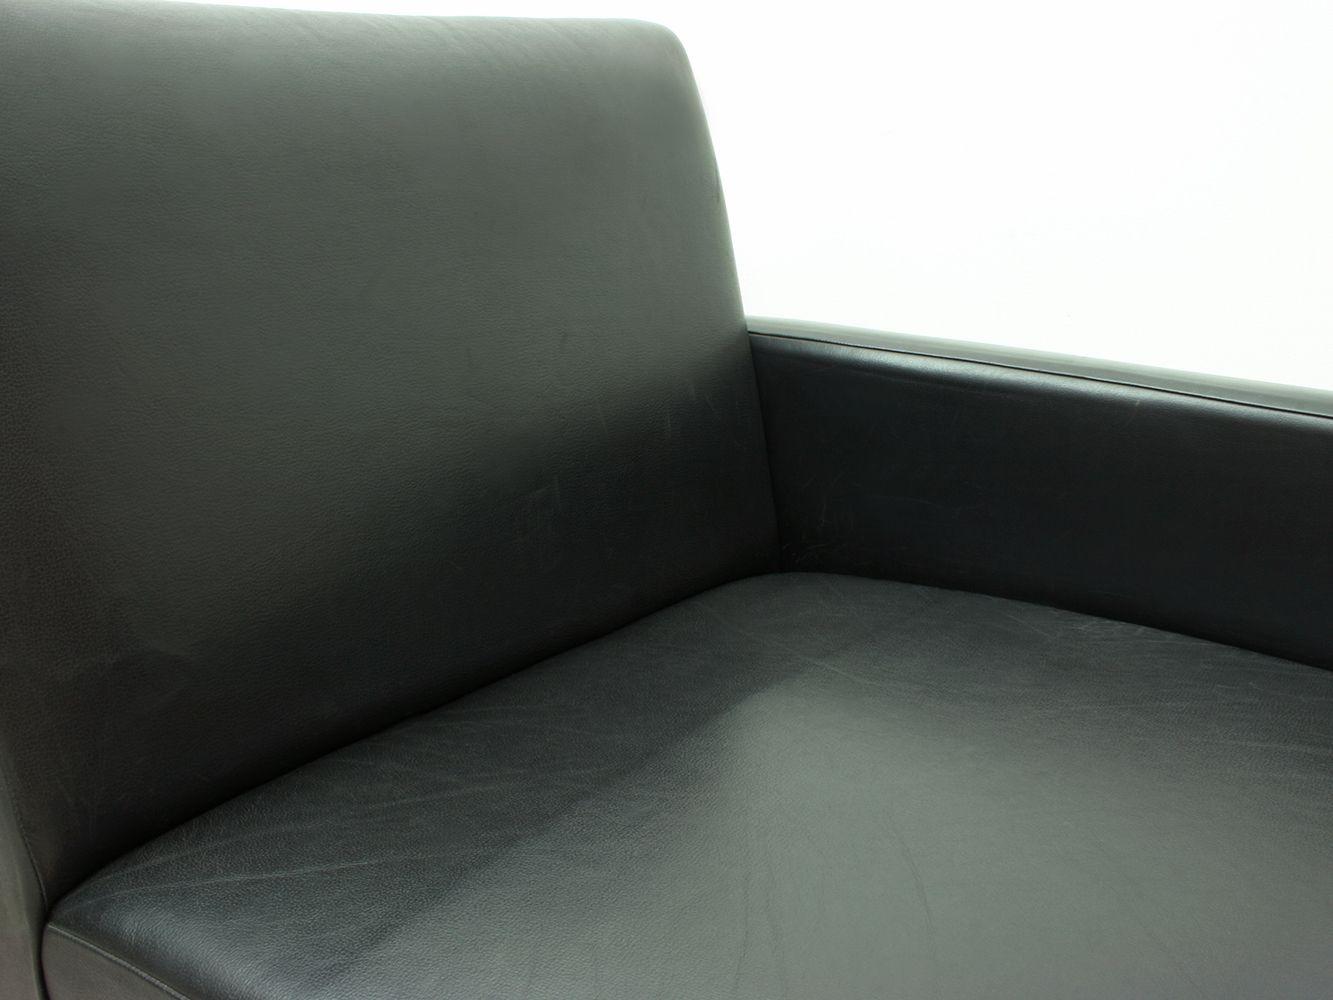 canap modulable en cuir noir chrome 1970s en vente sur pamono. Black Bedroom Furniture Sets. Home Design Ideas